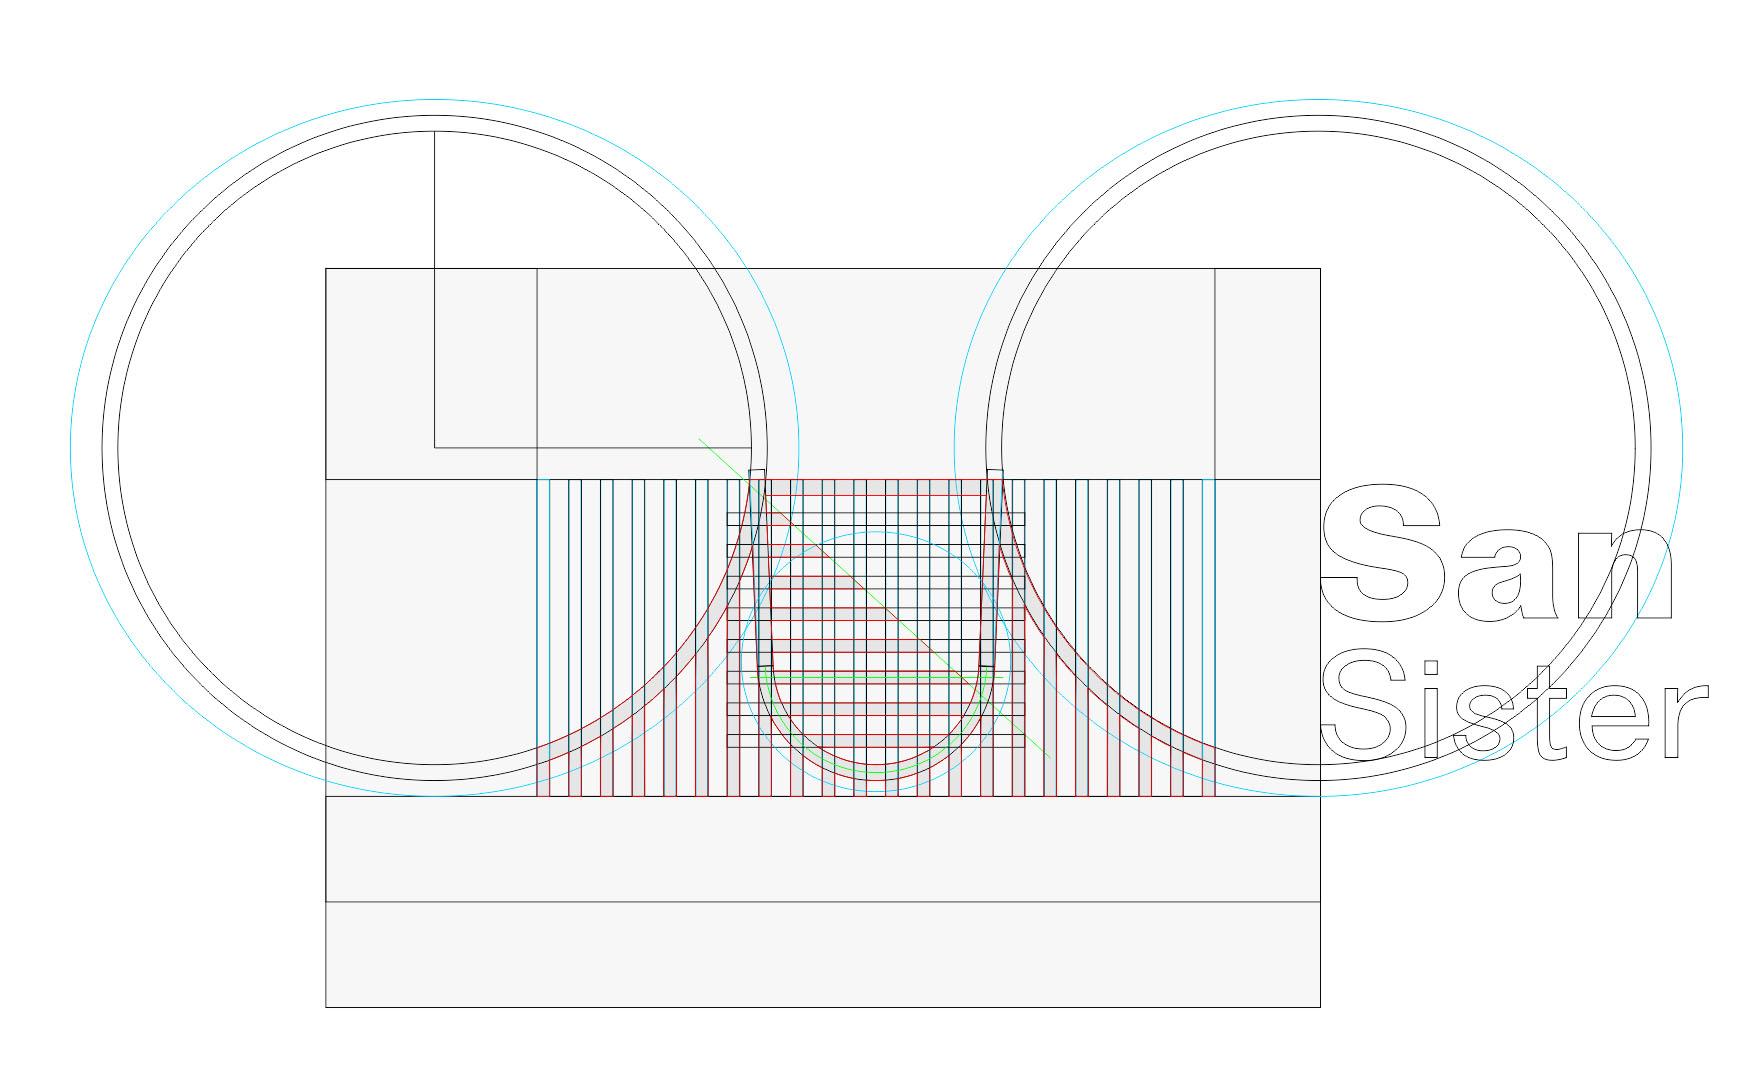 SHIBULERU_Lukas_Scherrer_Graphic_Design_L_003.jpg